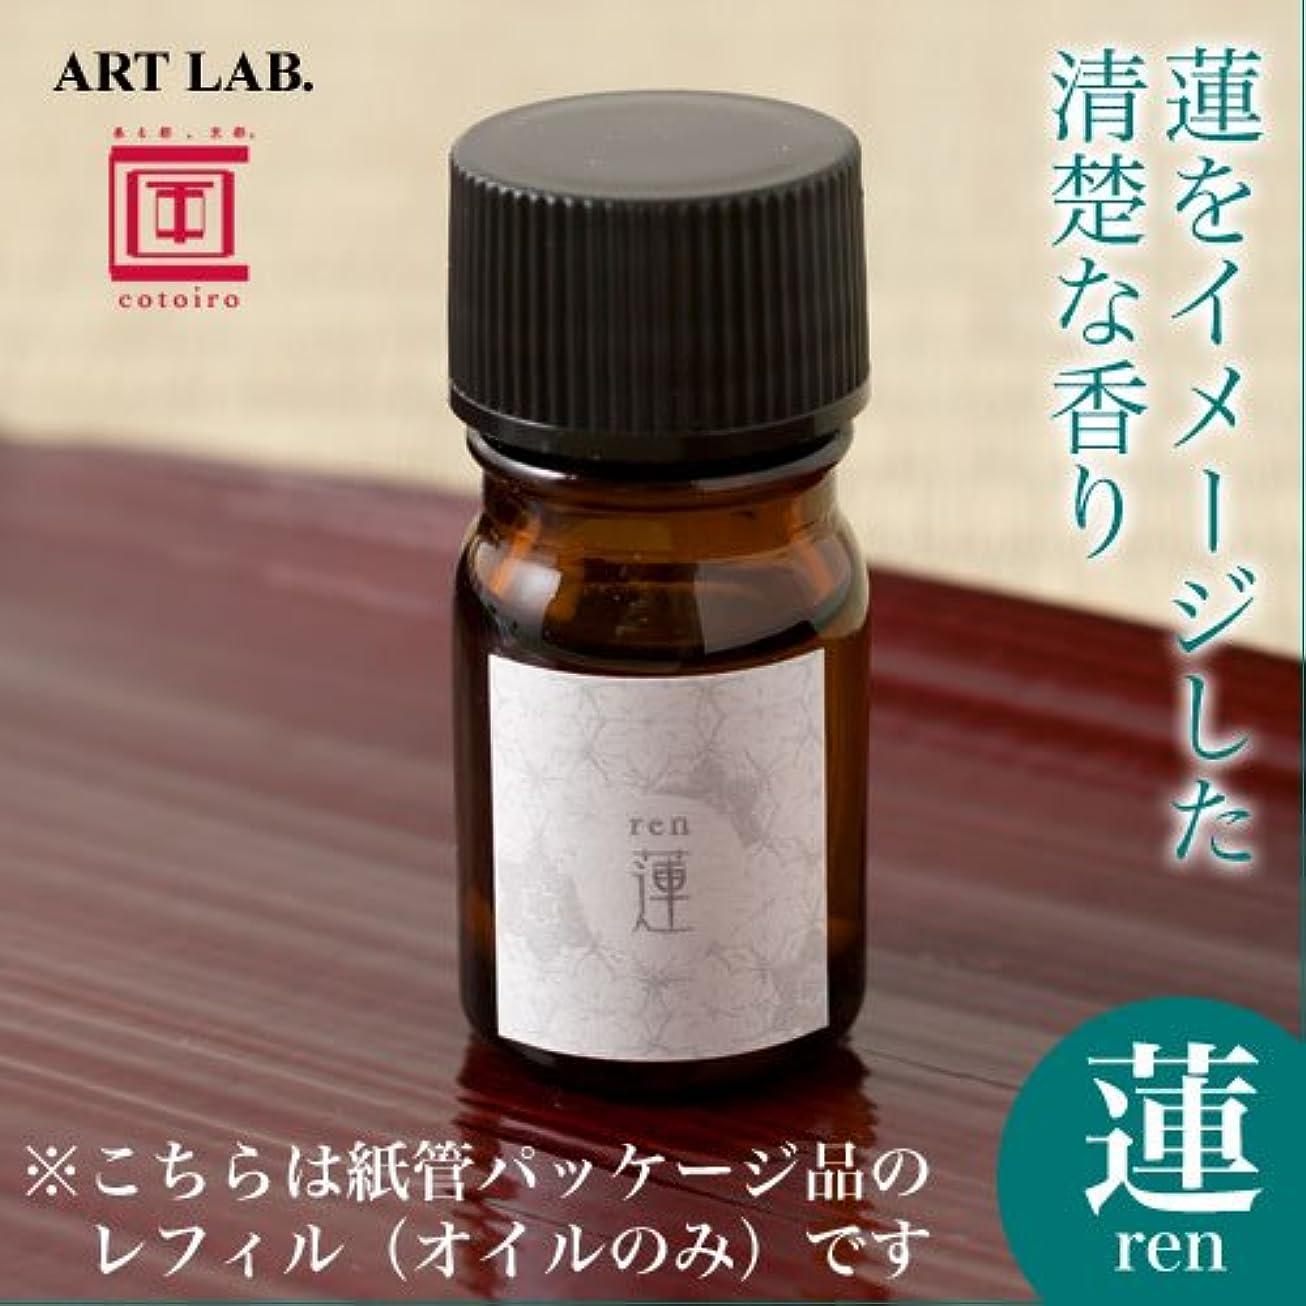 まともな詳細に対話ART LAB cotoiro香油蓮 renレフィル